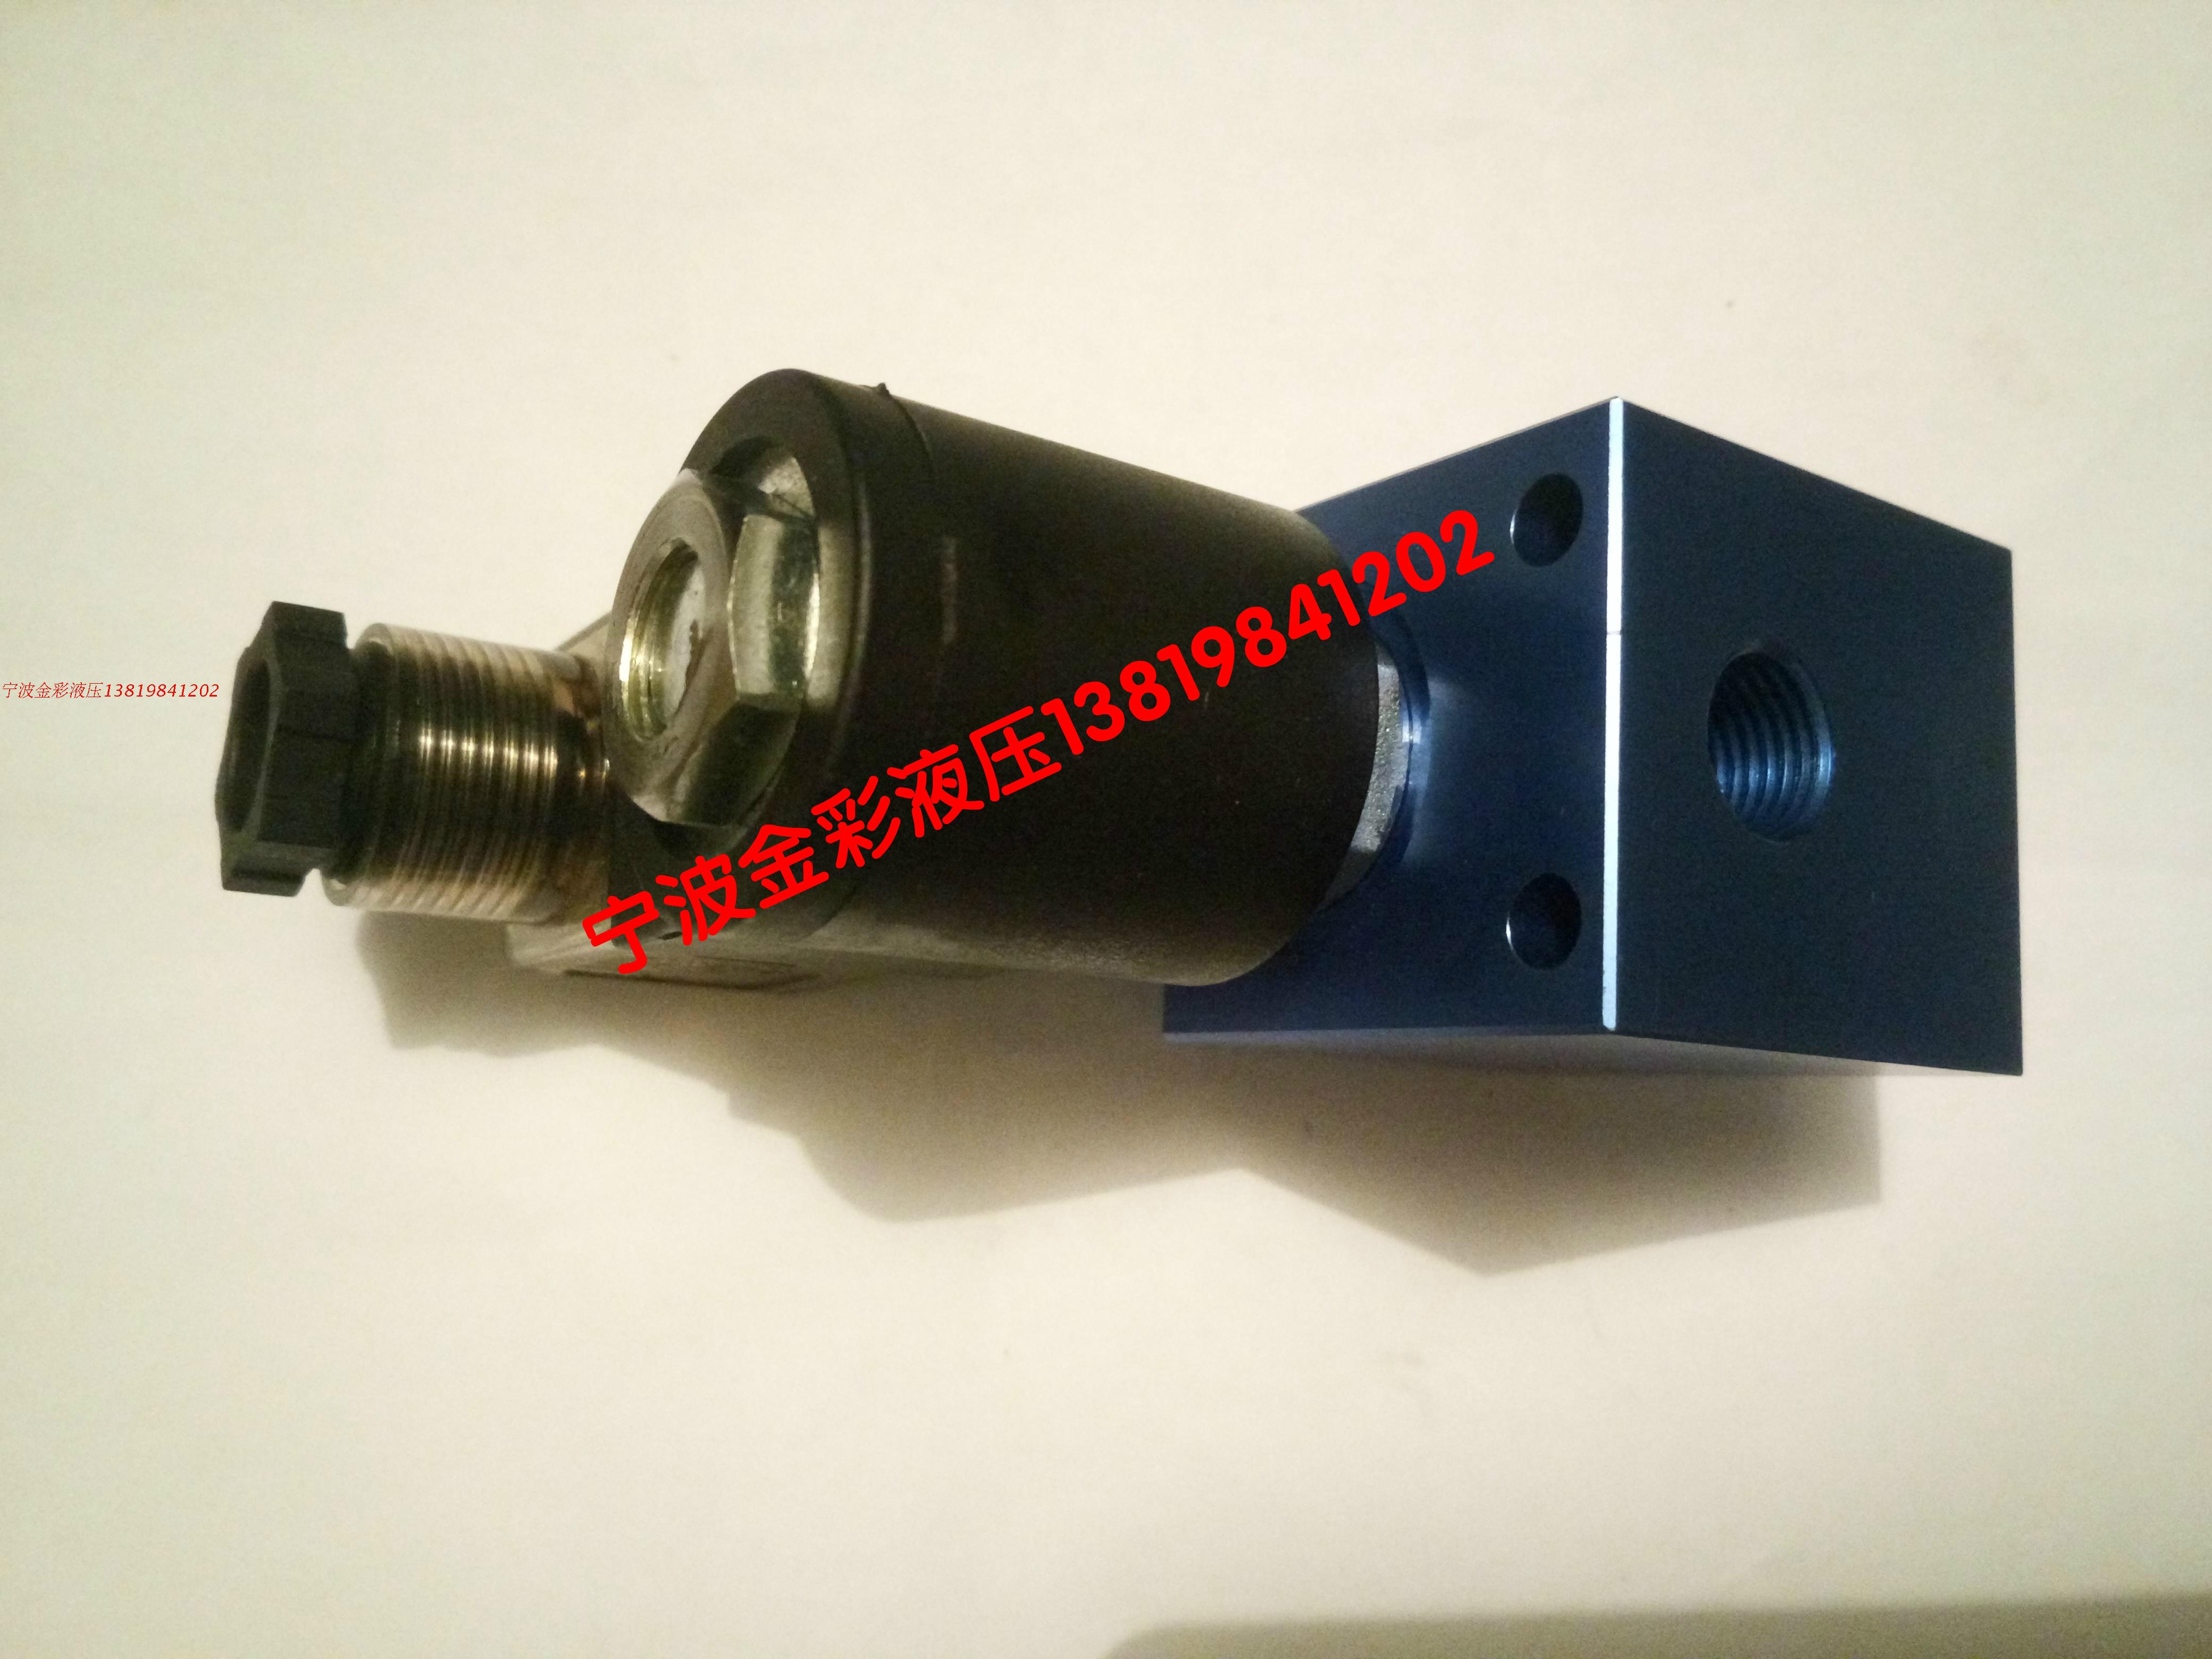 特价螺纹插装阀DHF08-220常闭电磁阀+V2068油路块ZG1/4螺纹接口